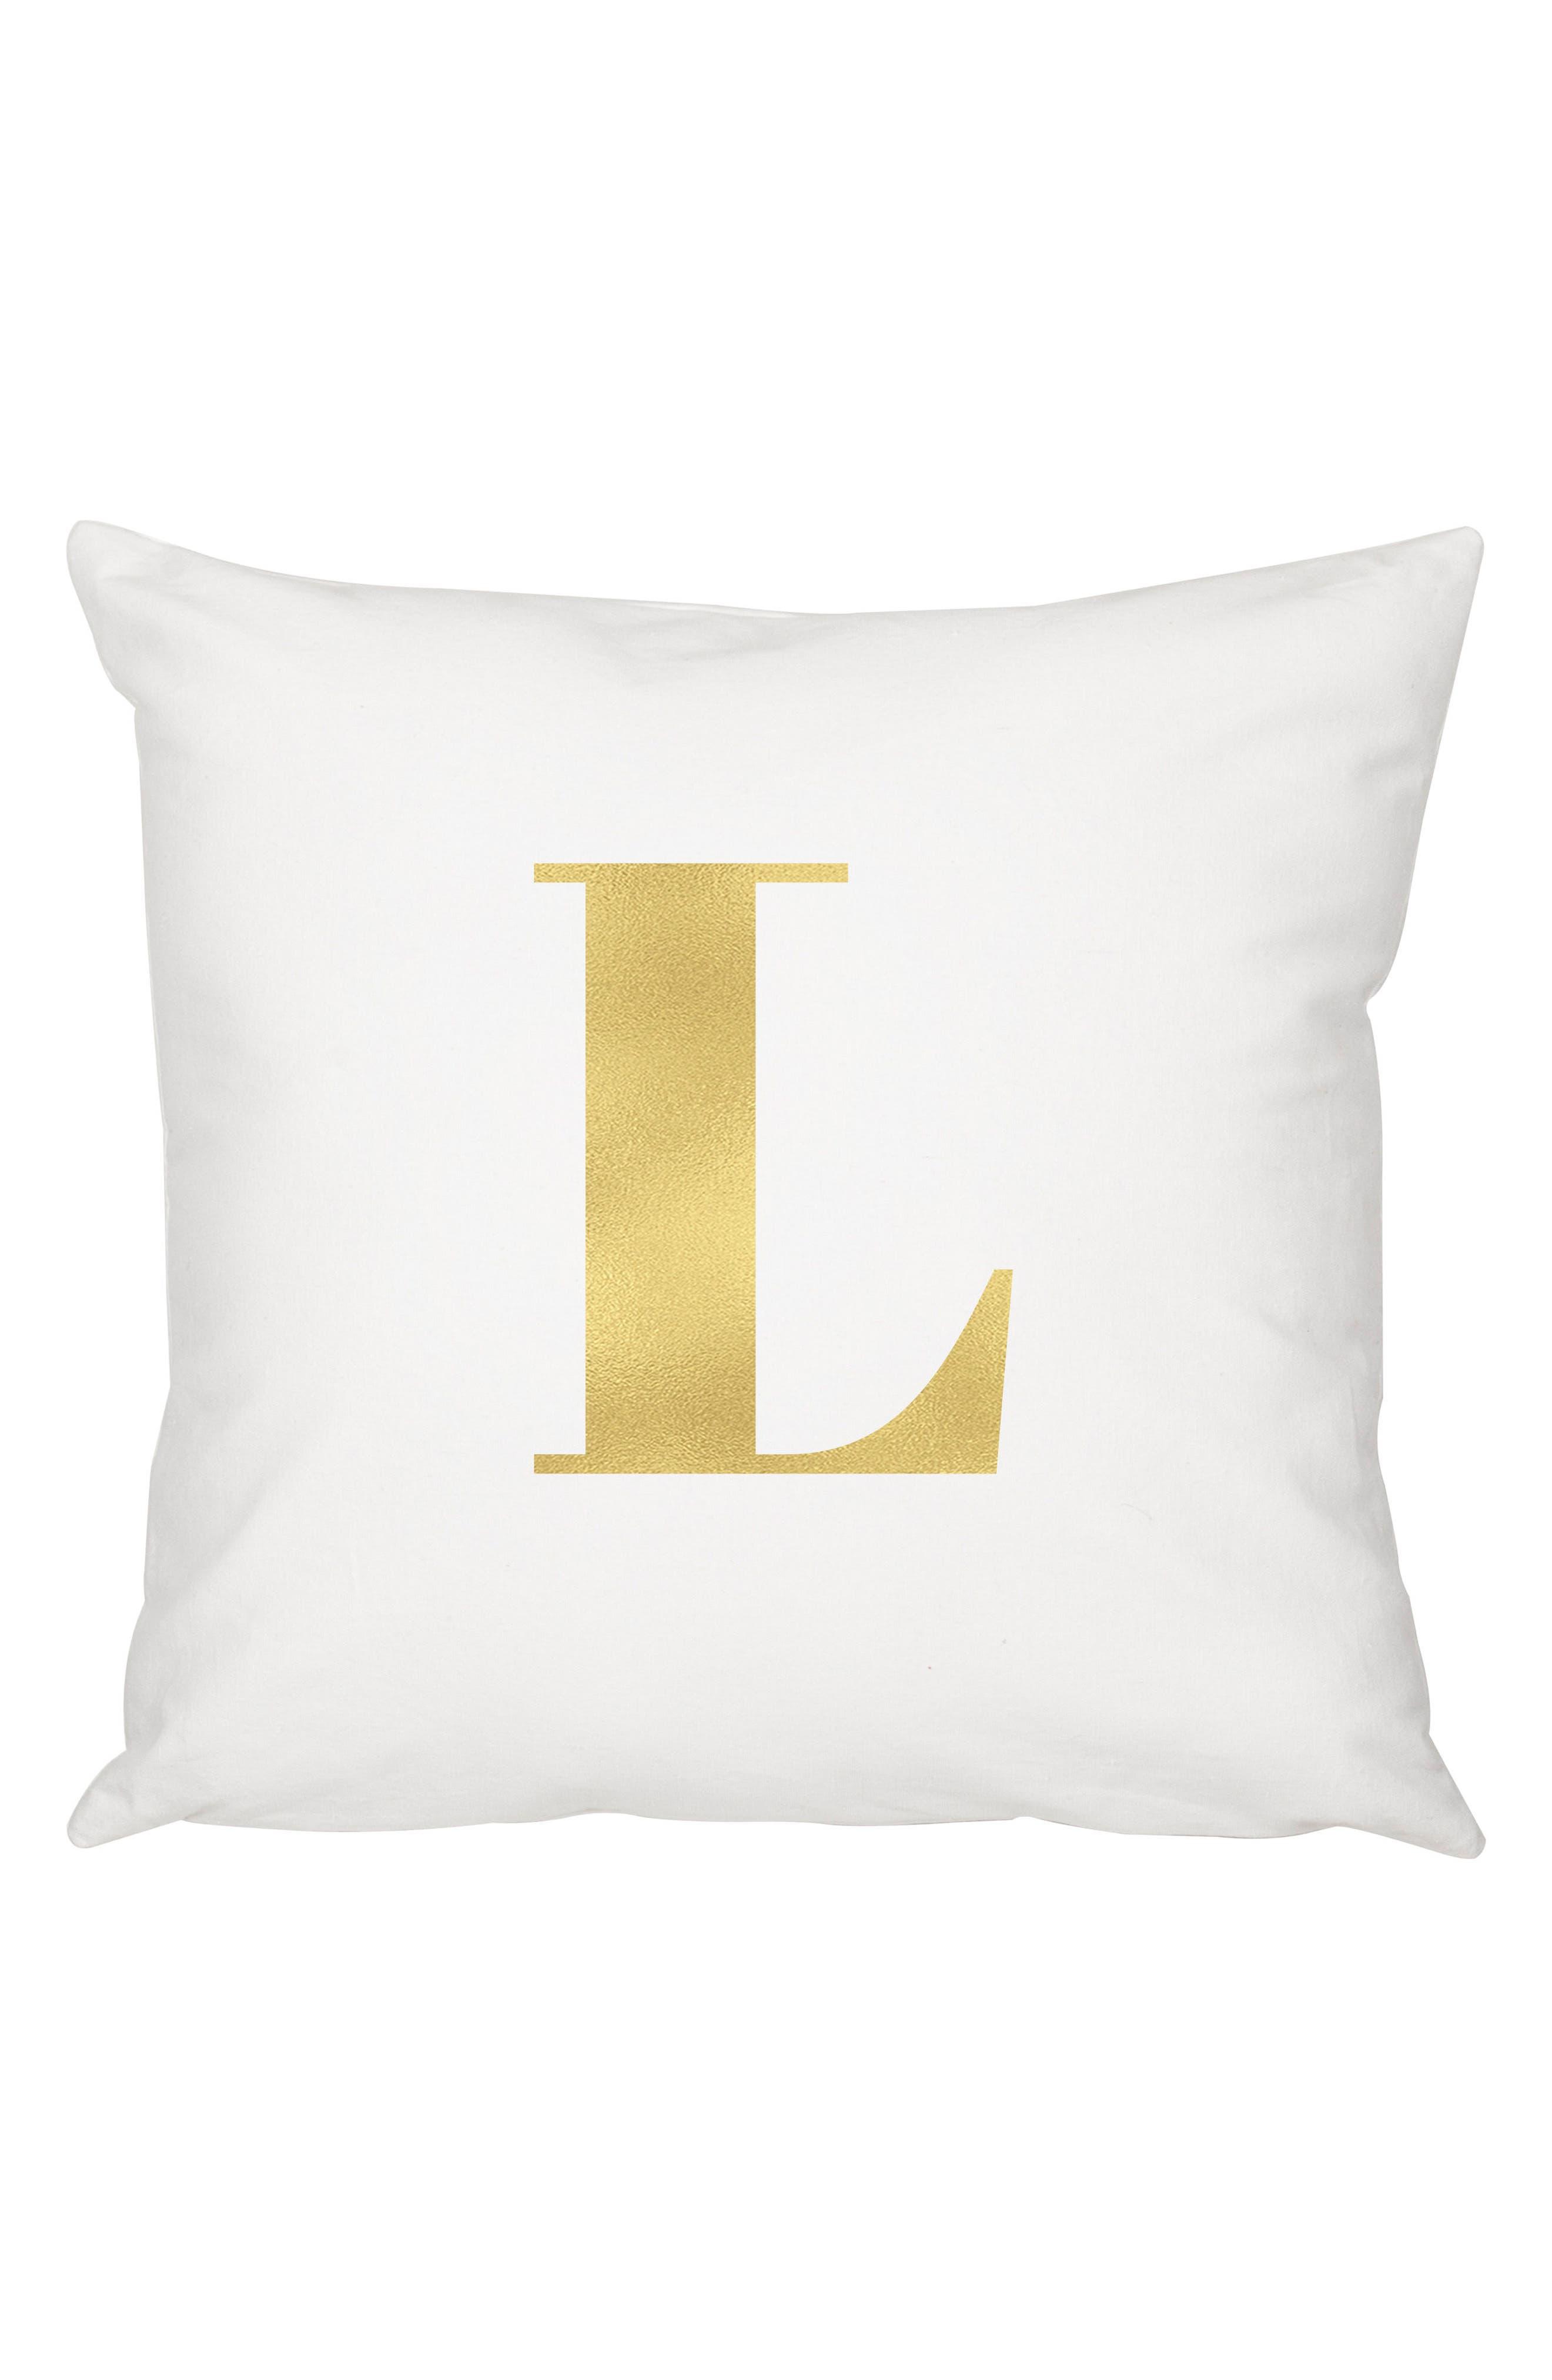 Monogram Accent Pillow,                             Main thumbnail 1, color,                             Gold-L